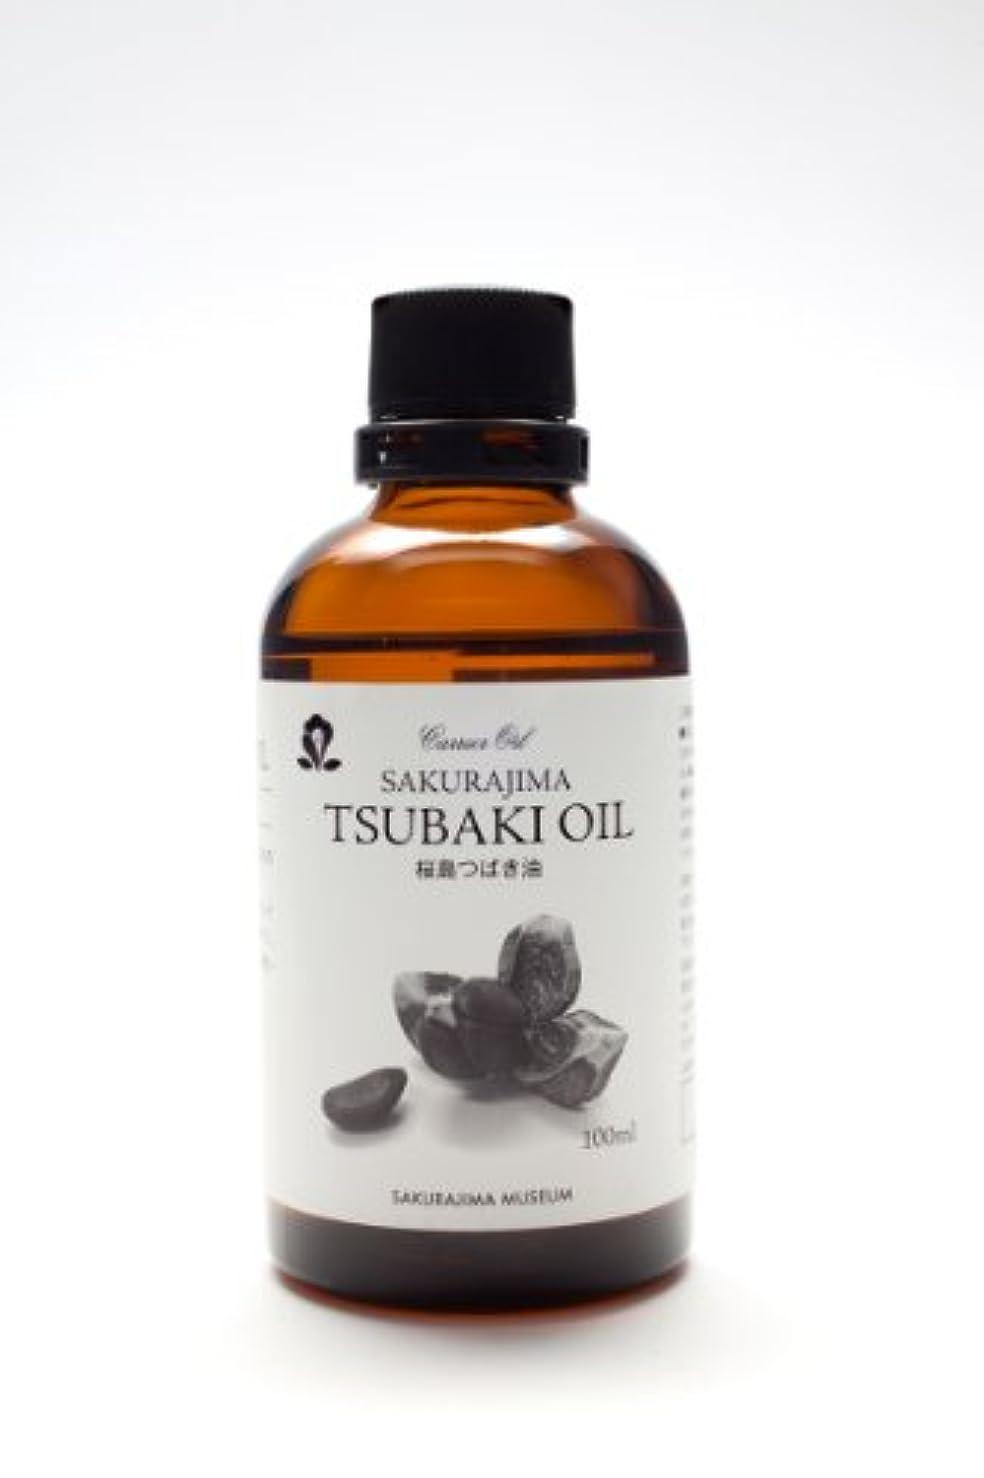 洪水数学母鹿児島県産 SAKURAJIMA TSUBAKI OIL 桜島つばき油(化粧用)100ml 100% 桜島産の椿油でナチュラルな潤い。